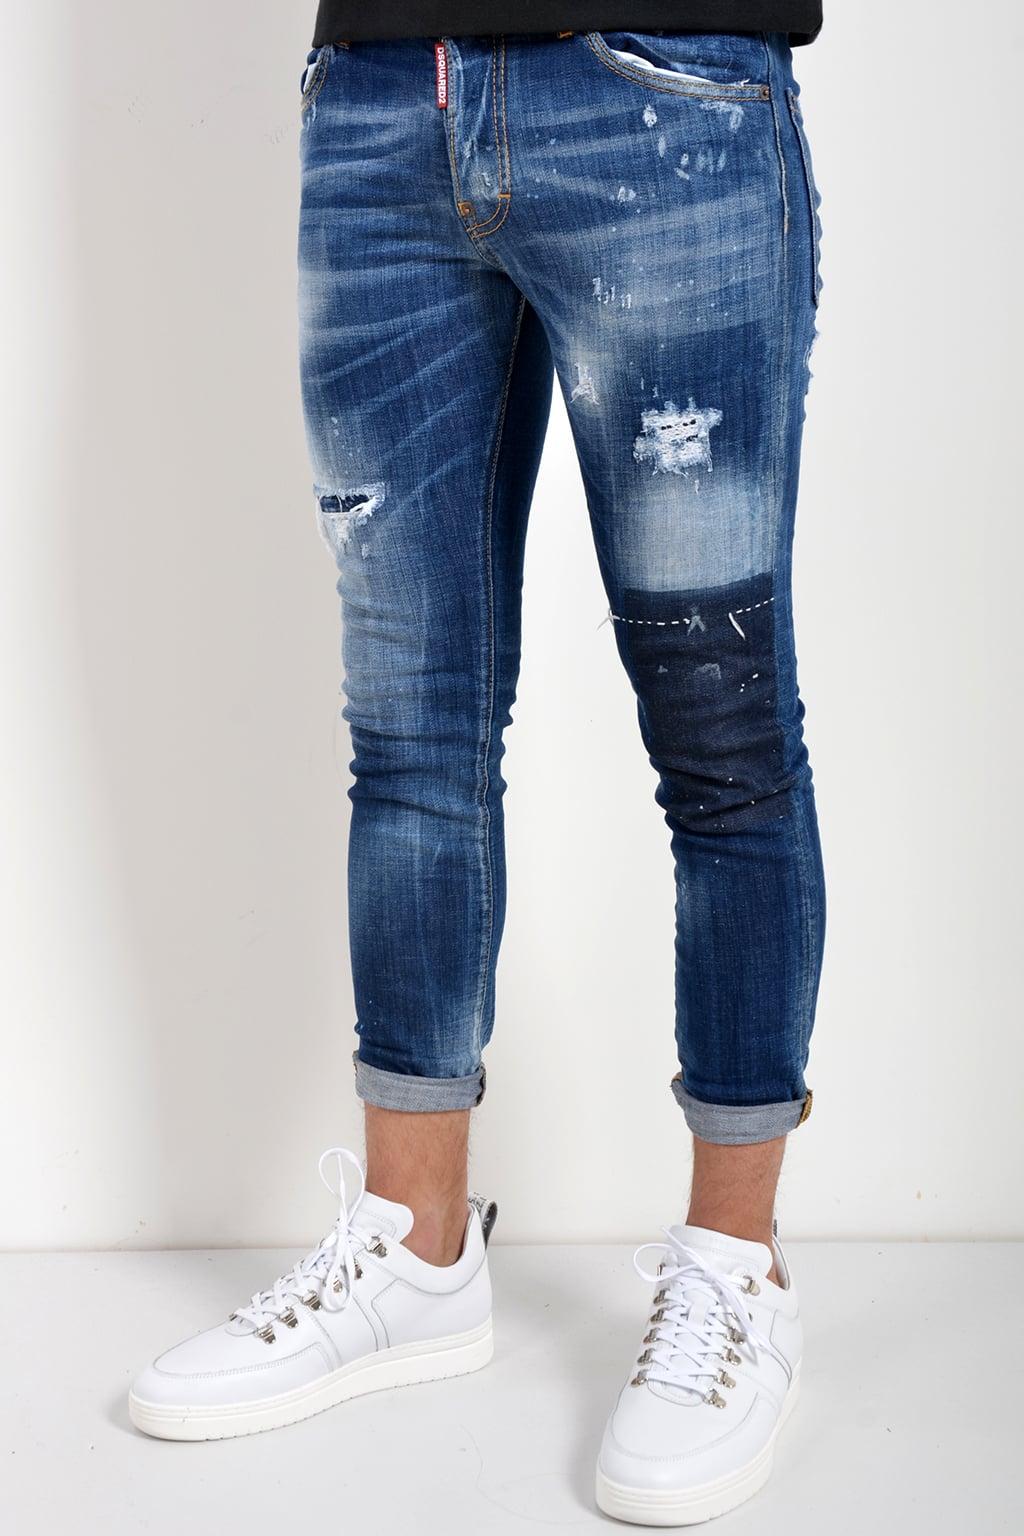 Beste Dsquared skinny jeans koop je online bij Kellyjeans   Kellyjeans.nl ND-91